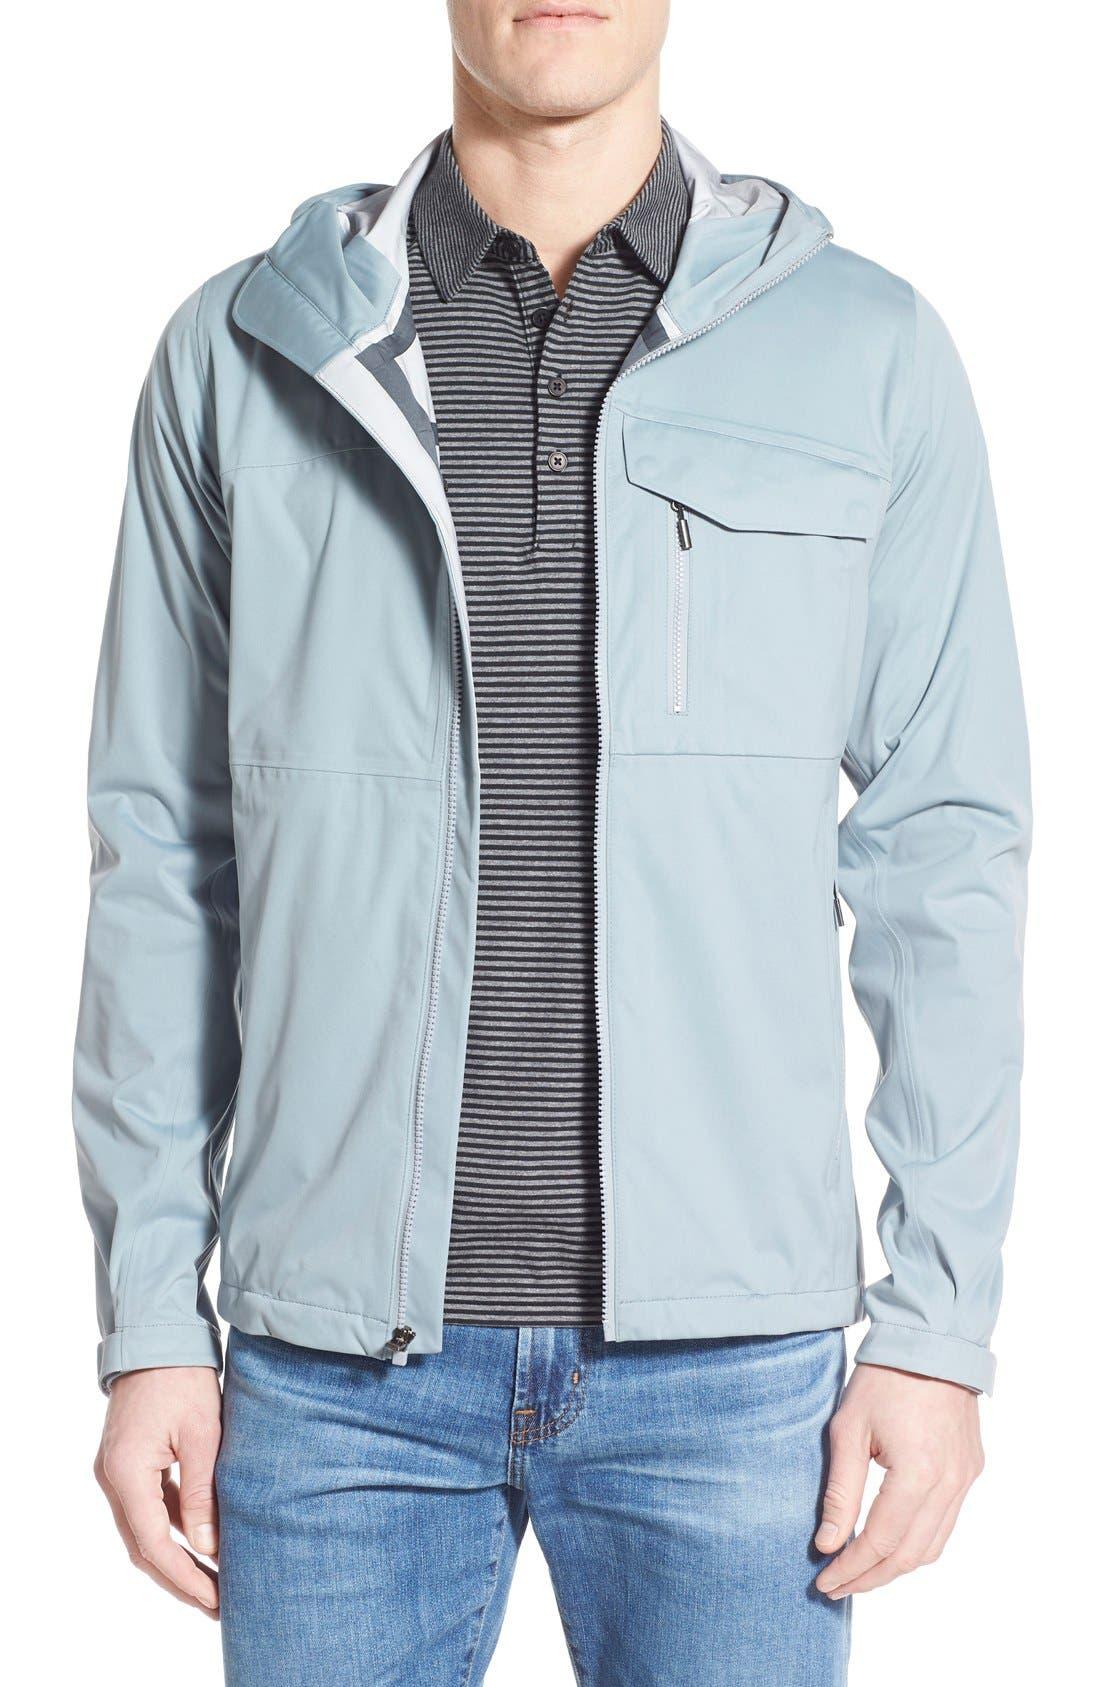 NAU Rebound Regular Fit Zip Hooded Jacket